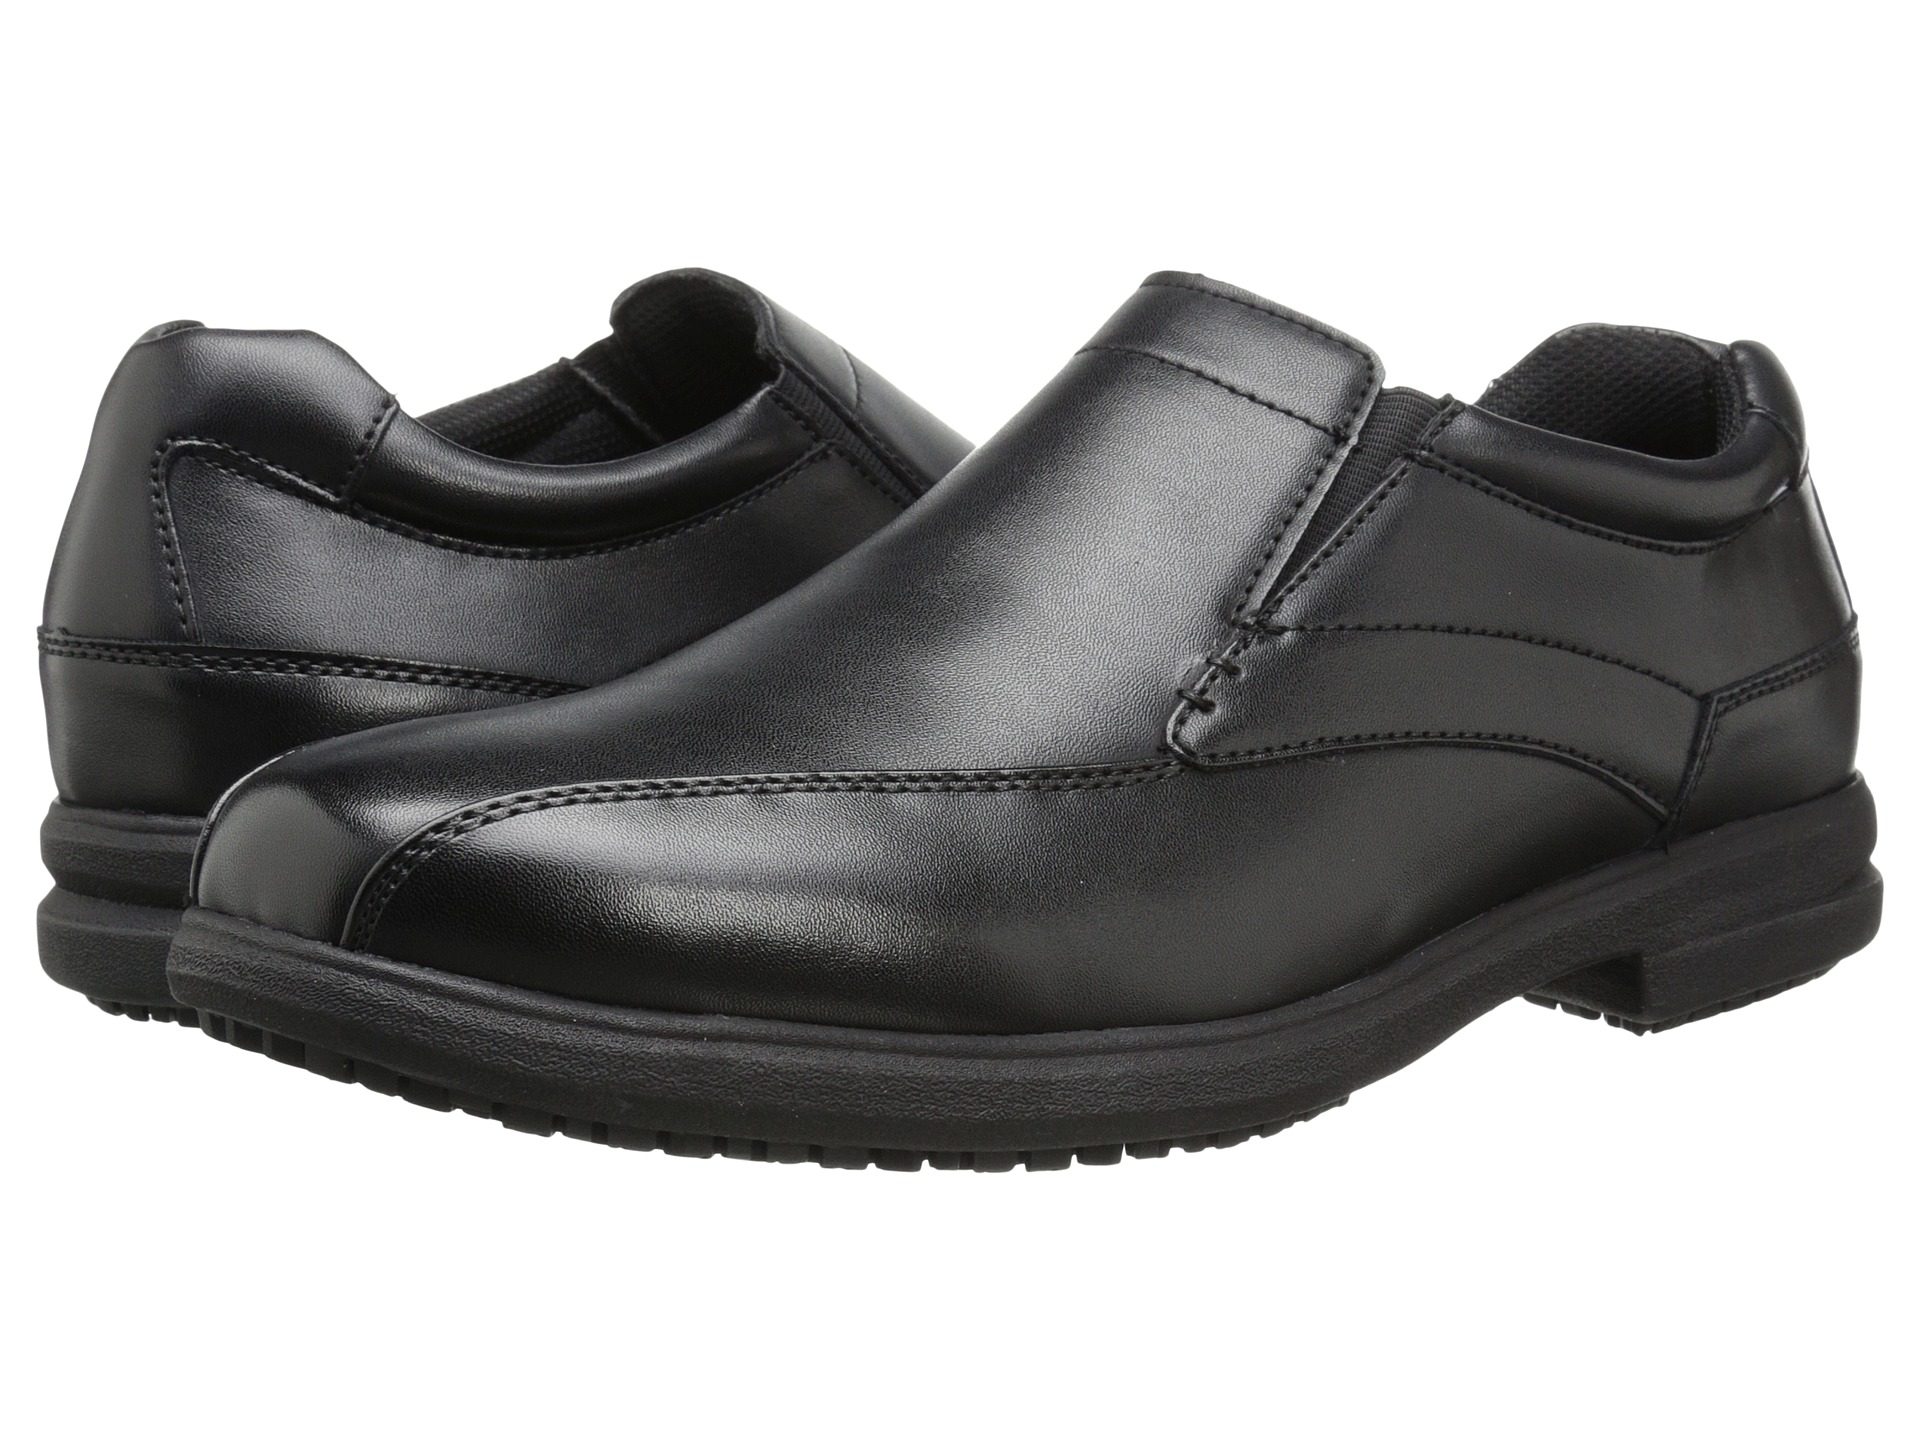 Nunn Bush Sanford Slip Resistant Bicycle Toe Oxford Slip